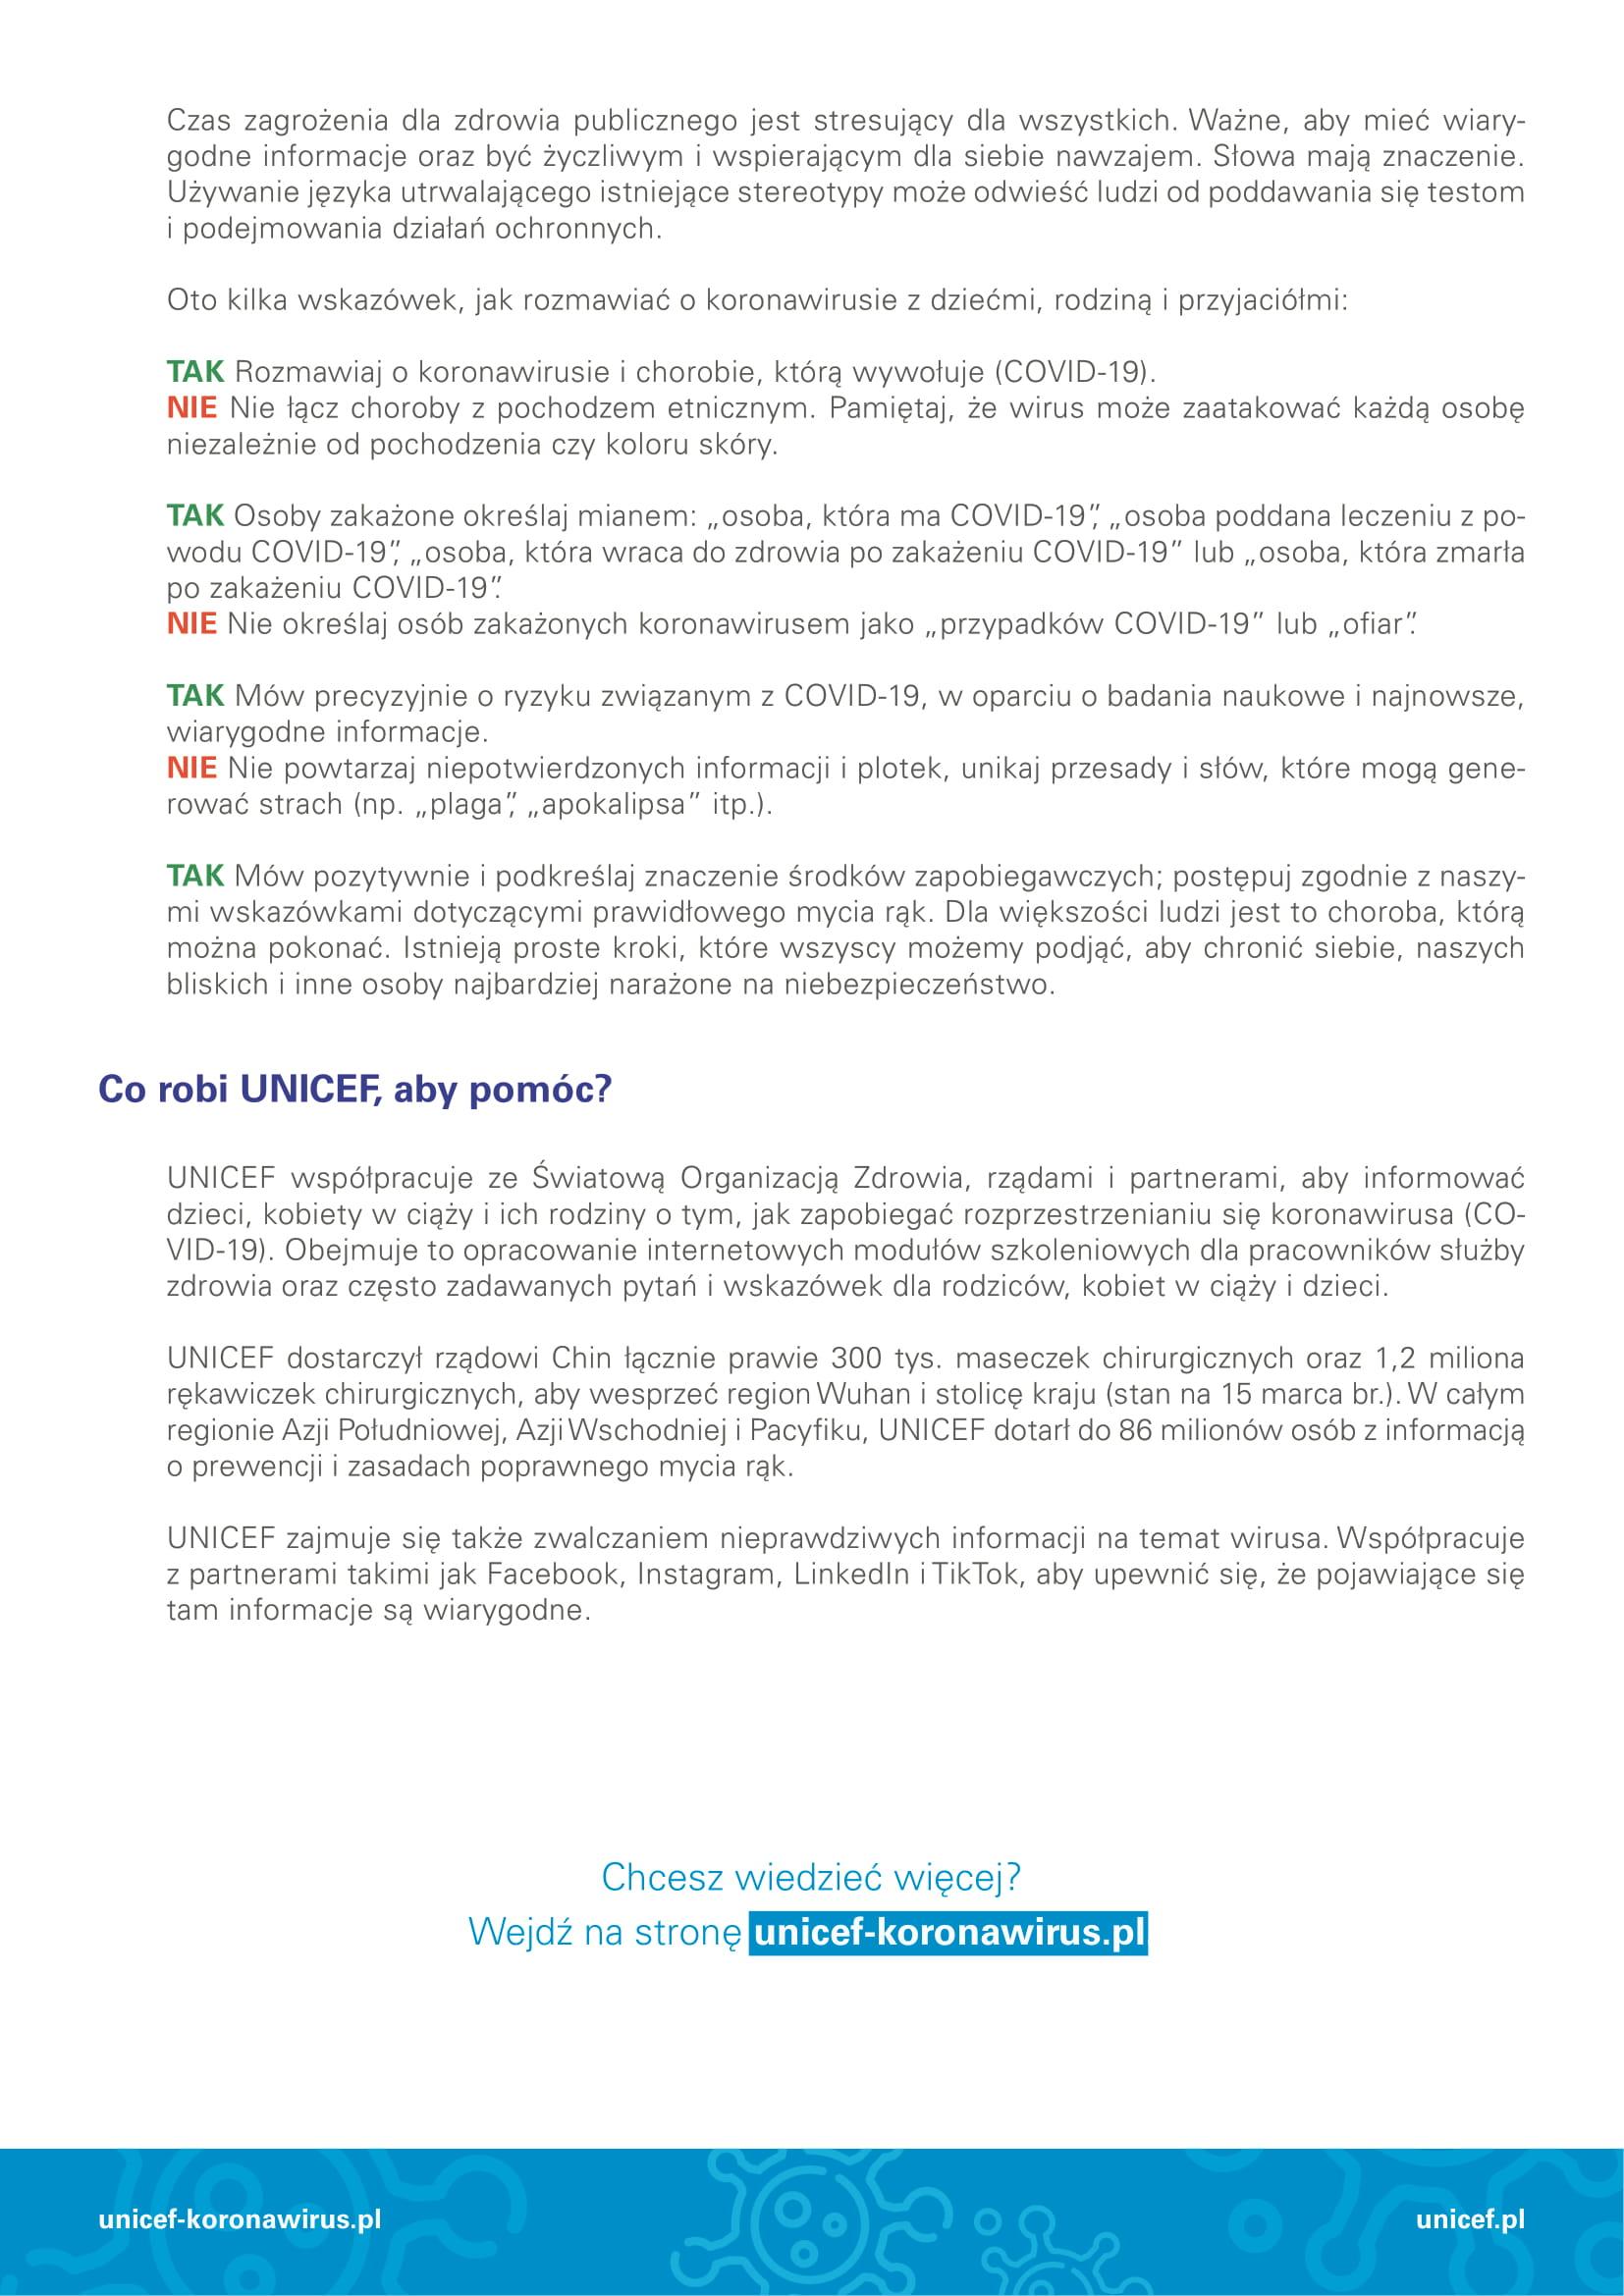 Choroba_wywolana_koronawirusem_UNICEF-2-5